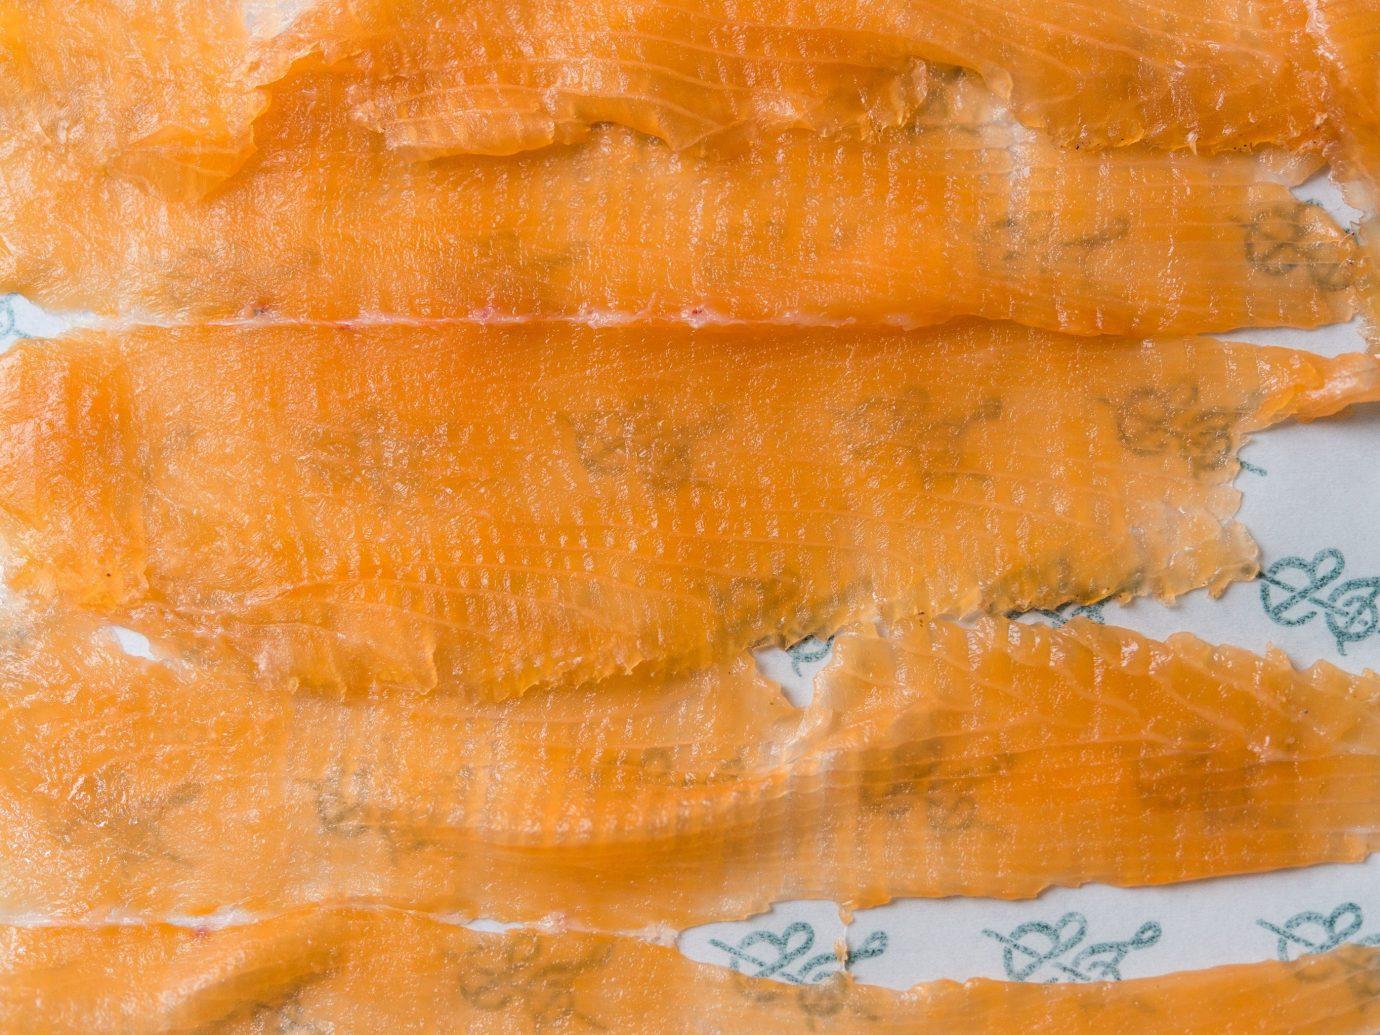 Food + Drink orange food produce leaf carrot carving dish dessert textile material vegetable